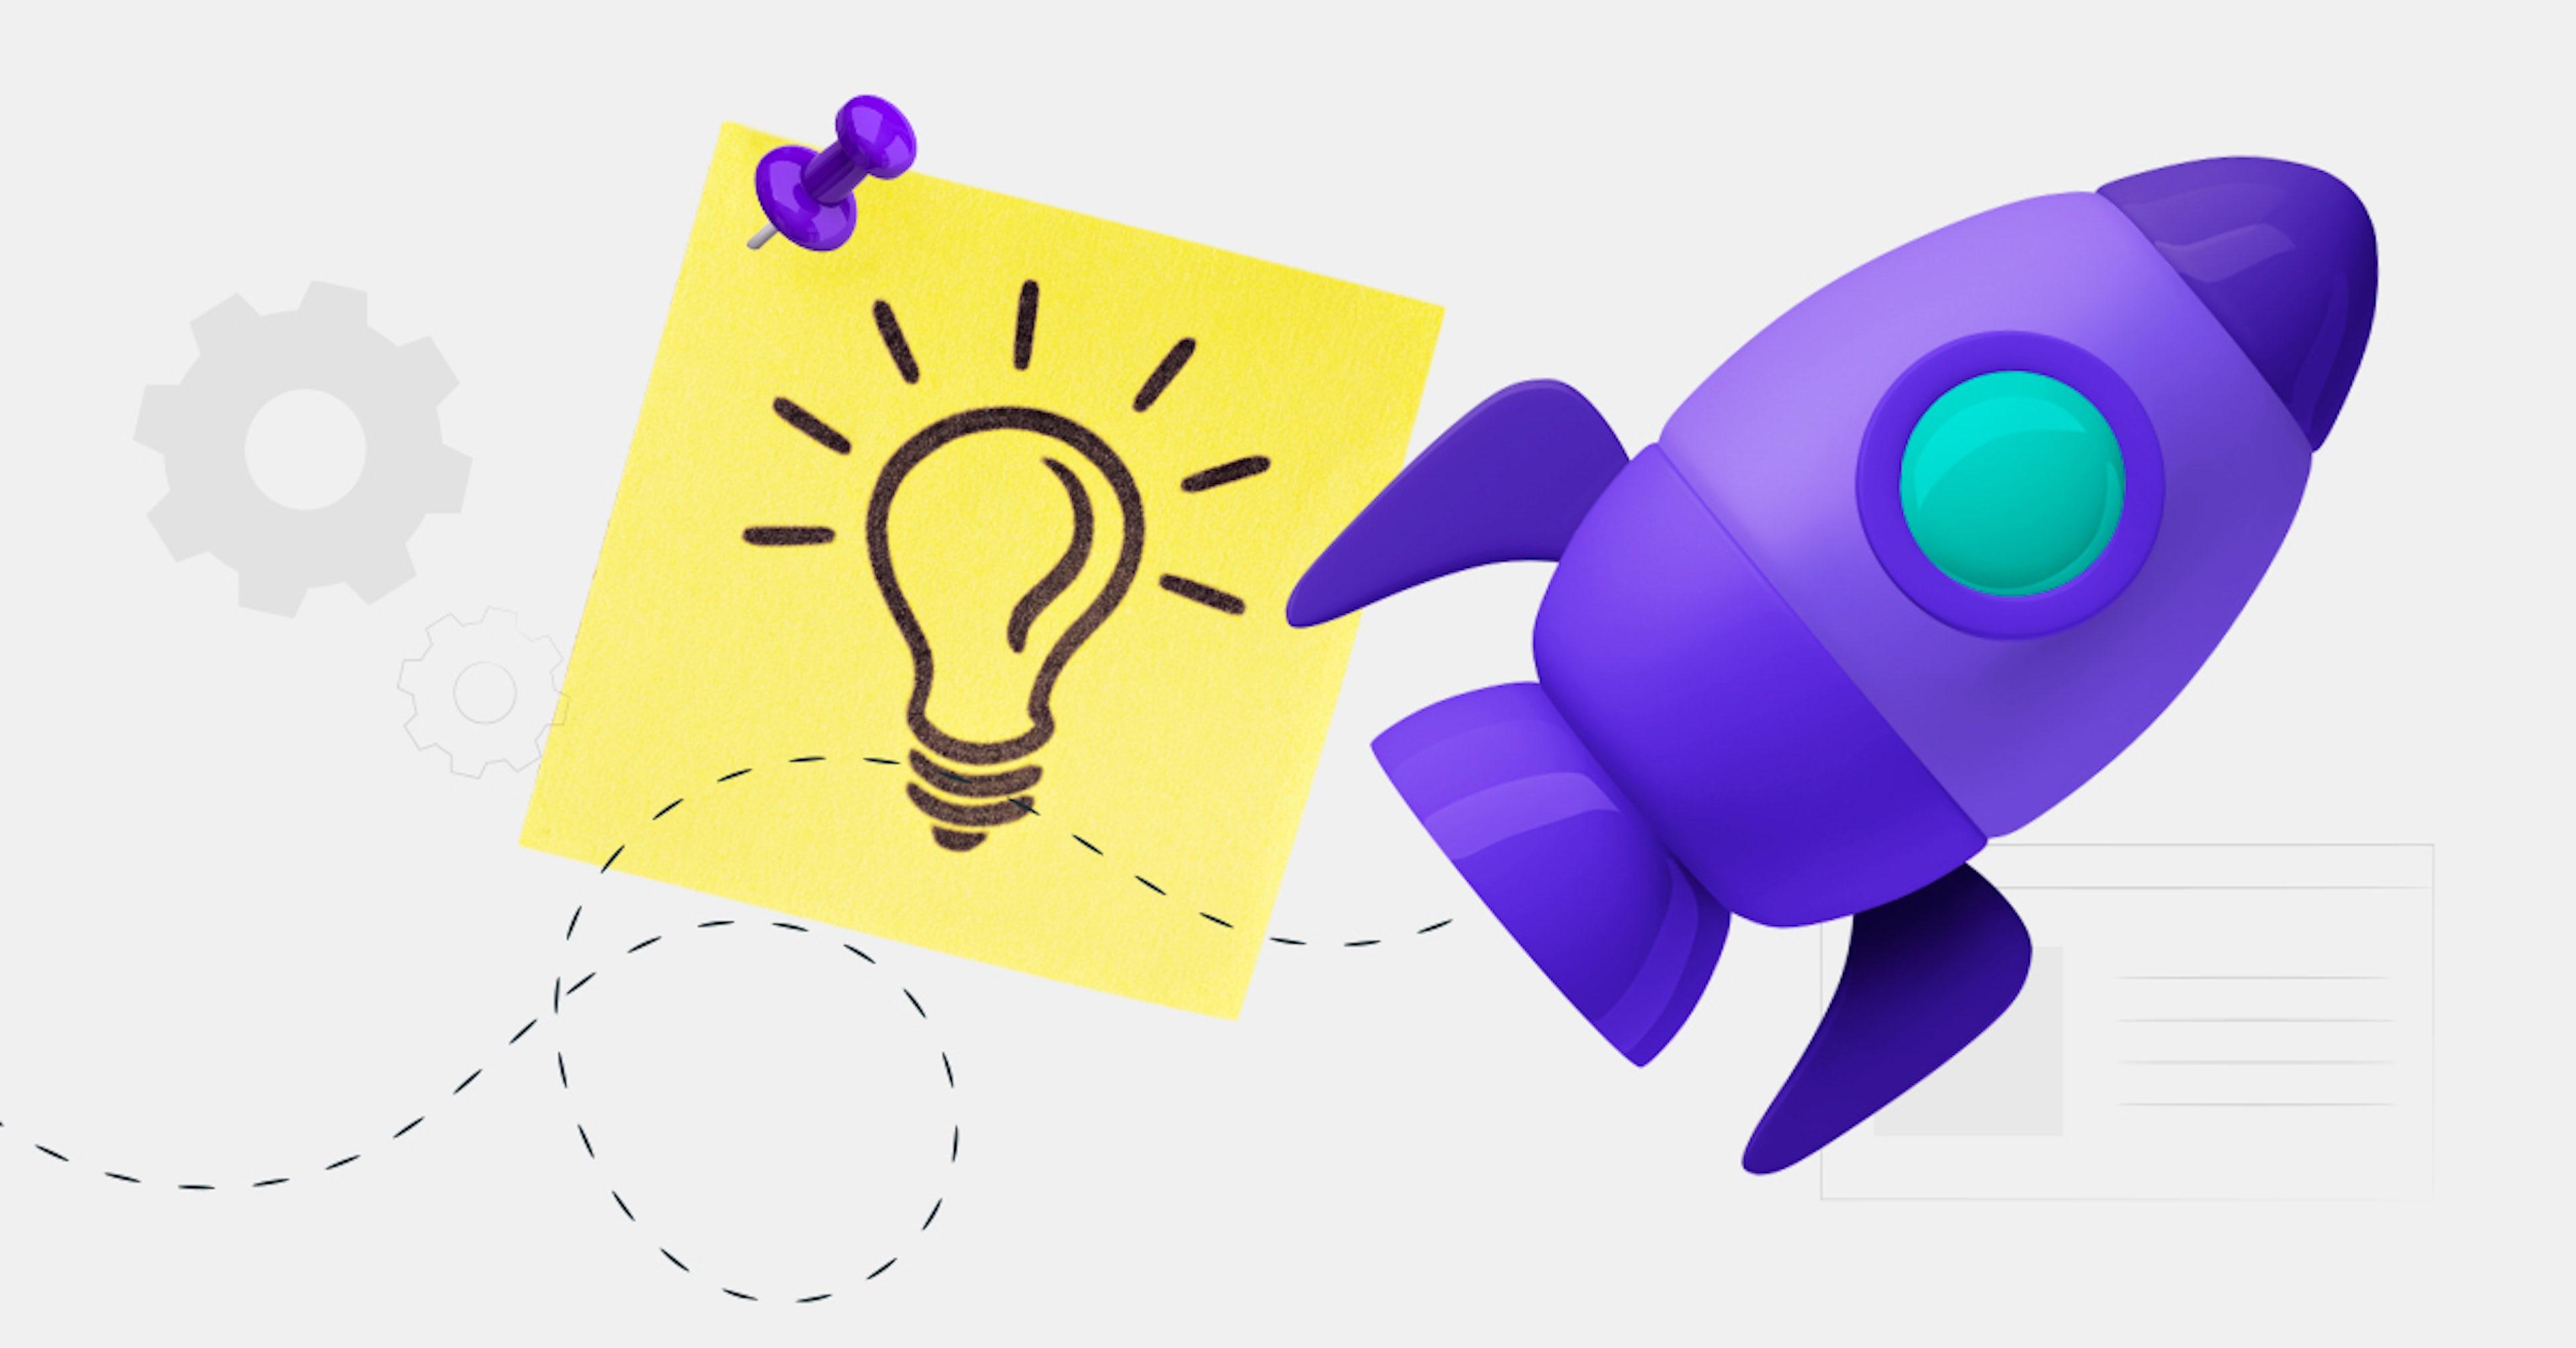 Consejos para emprendedores: 15 ideas para emprender sin miedo